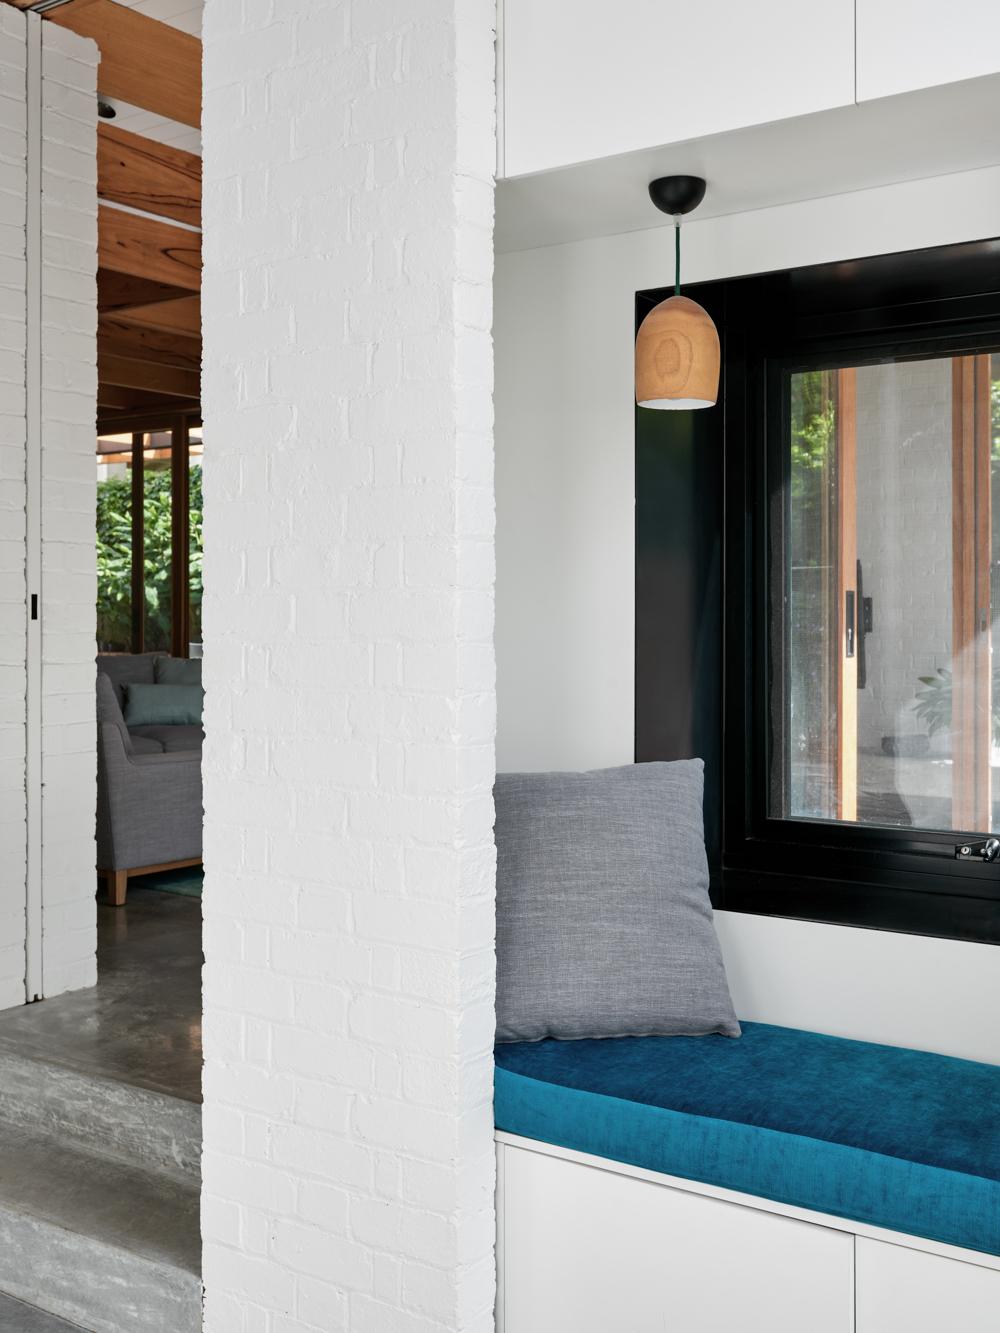 glen-iris-pleysier-perkins-architecture-the-design-emotive-03.jpg